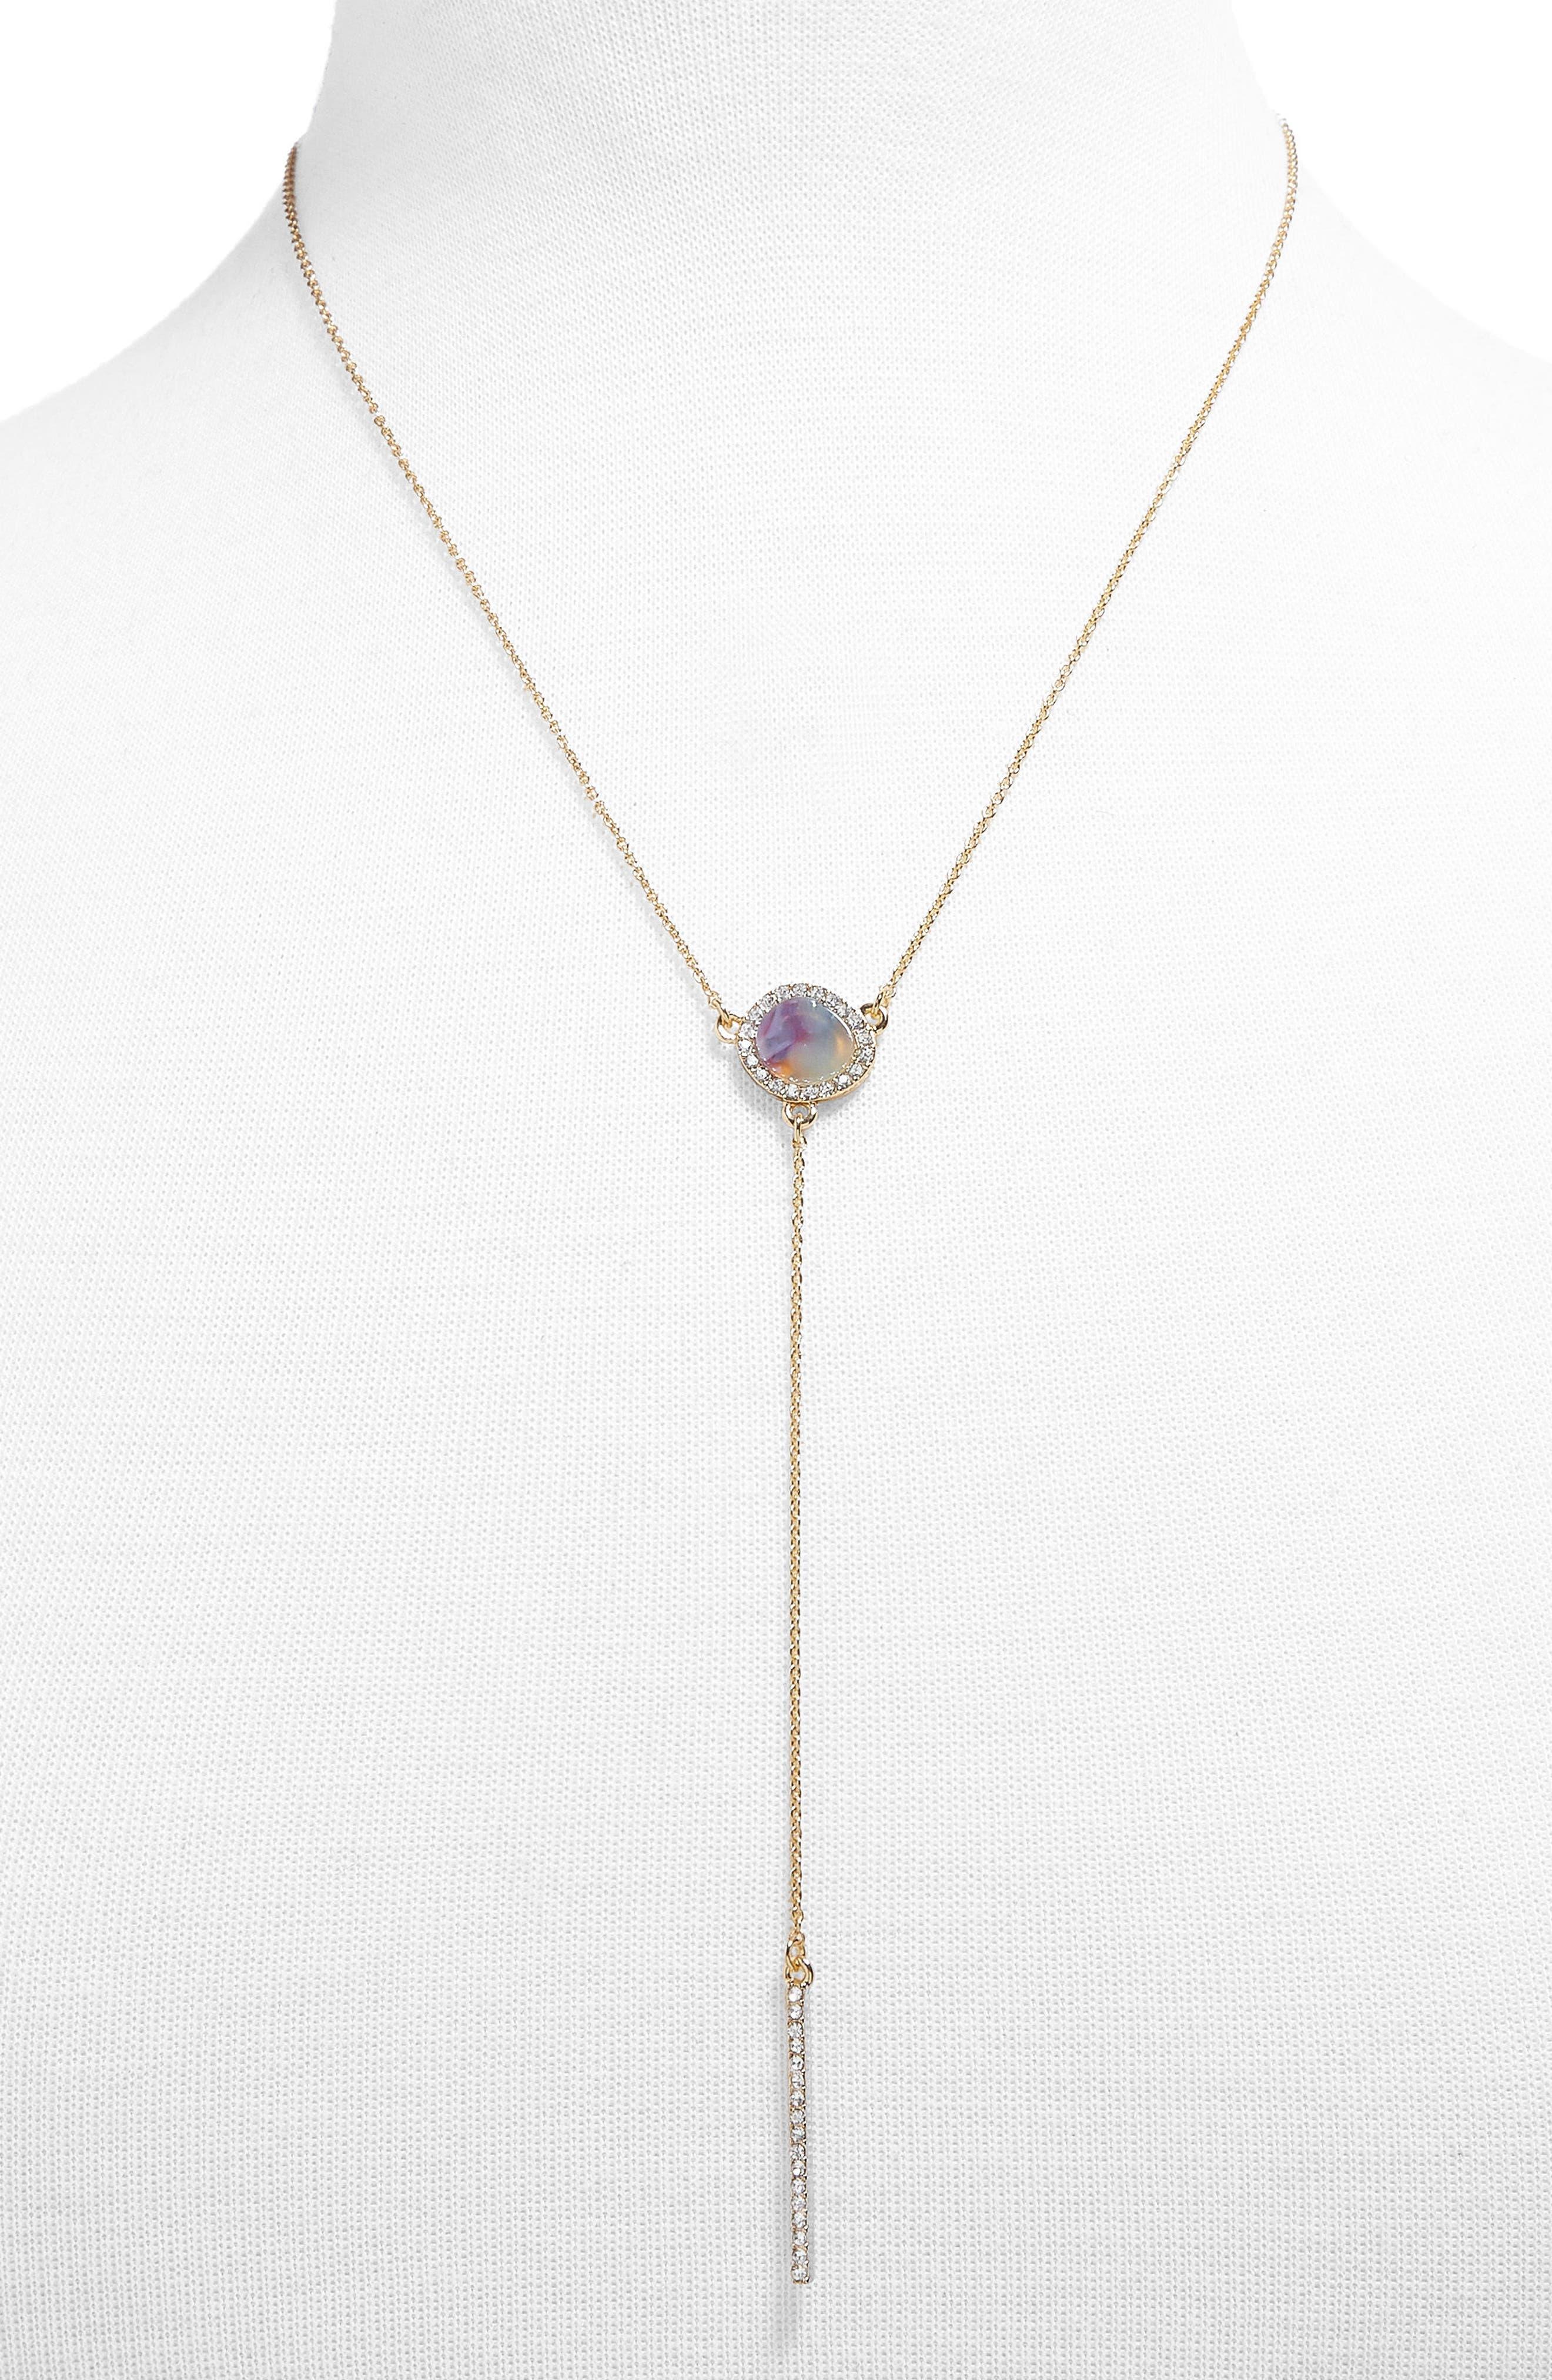 Elsha Chain Y-Necklace,                             Main thumbnail 1, color,                             653